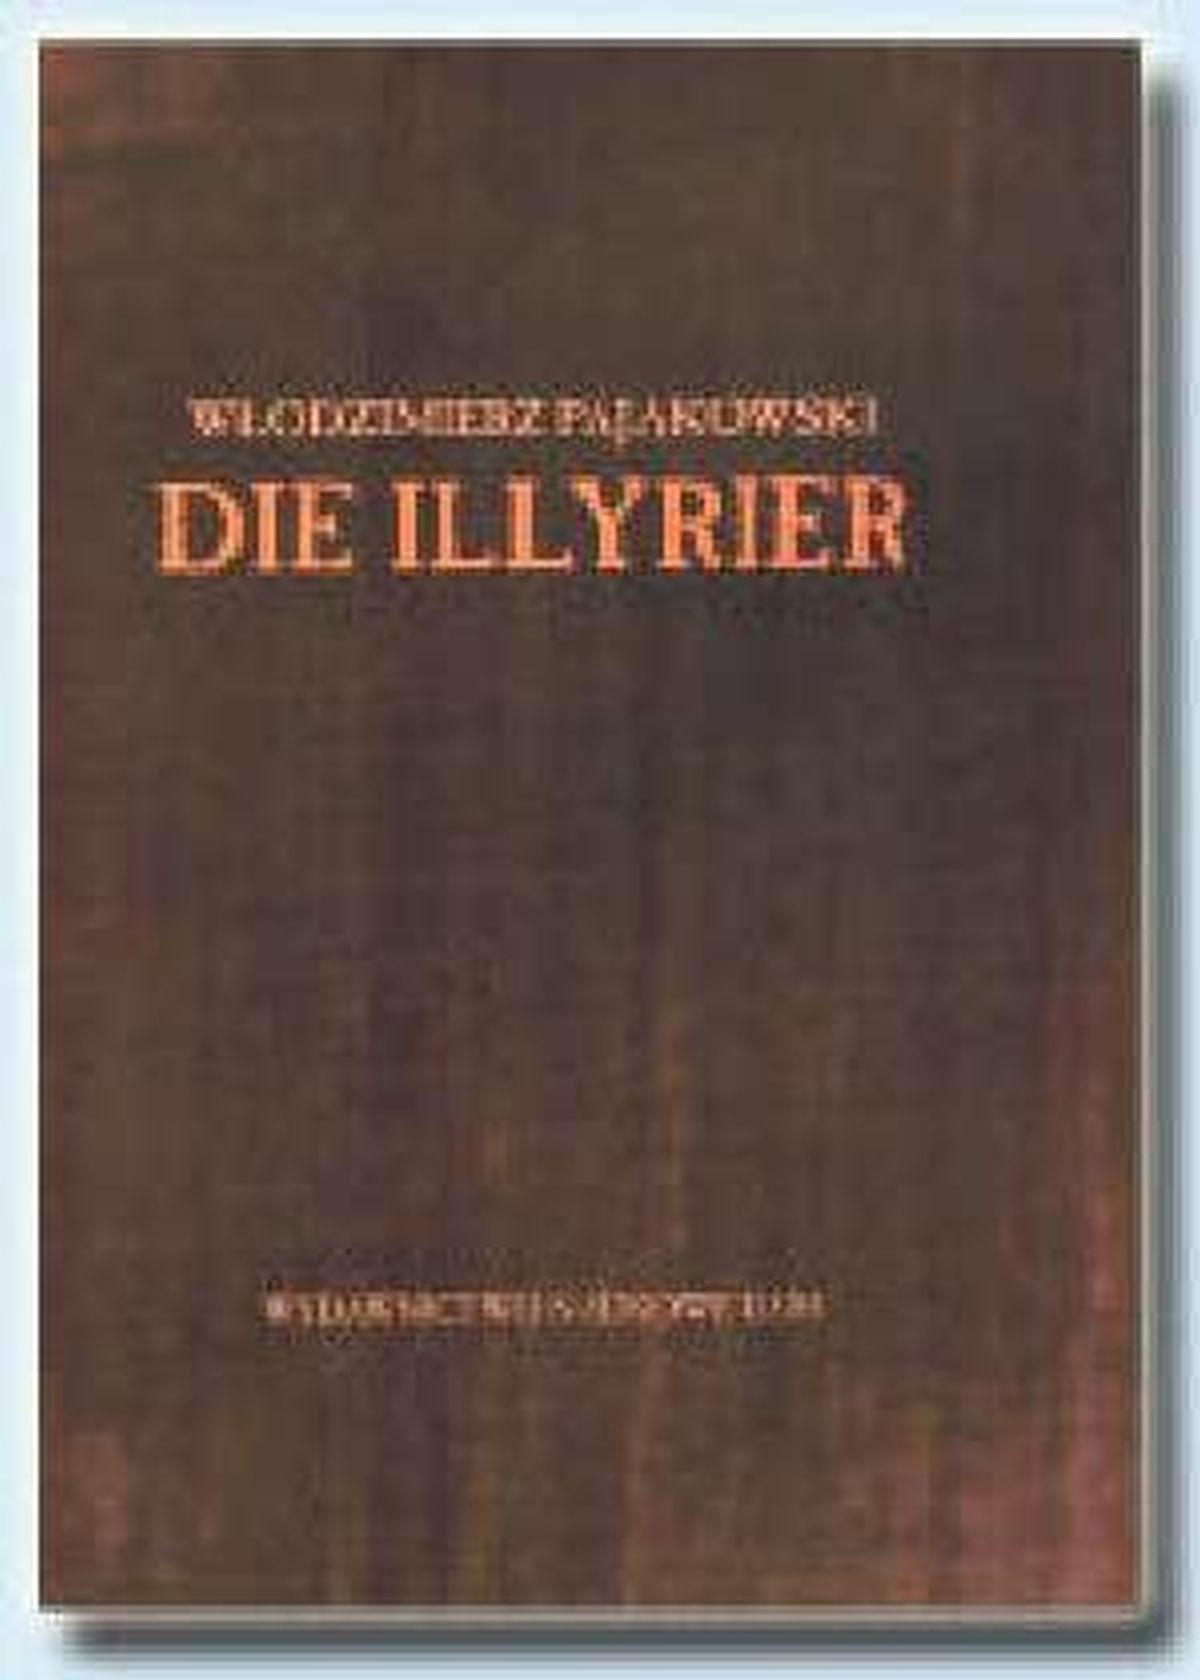 Die Illyrier